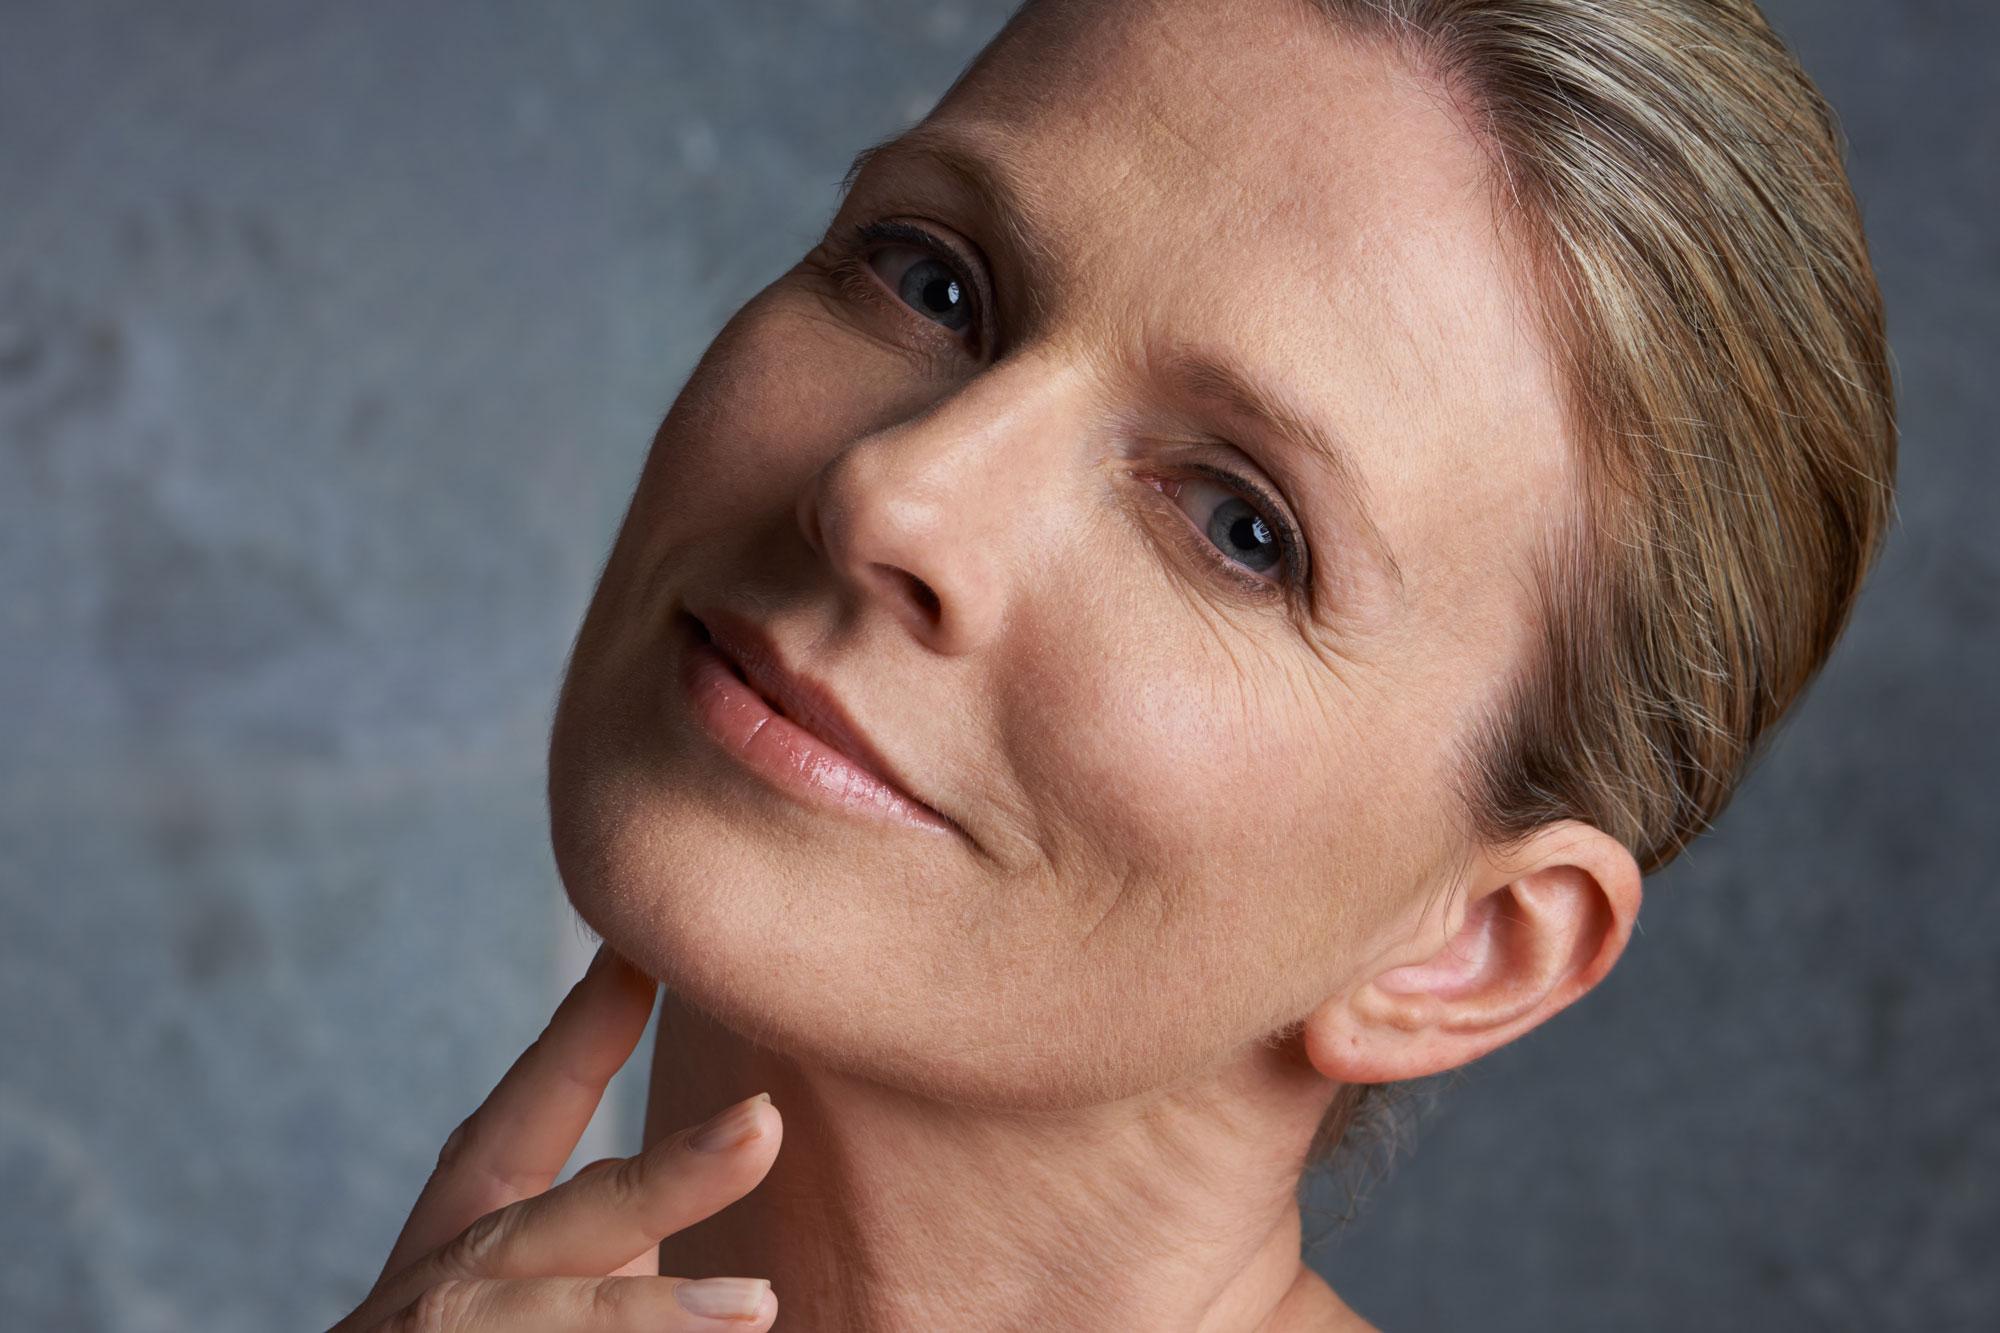 Nutrição Dermocosméticos Anti-Aging como cuidar da pele